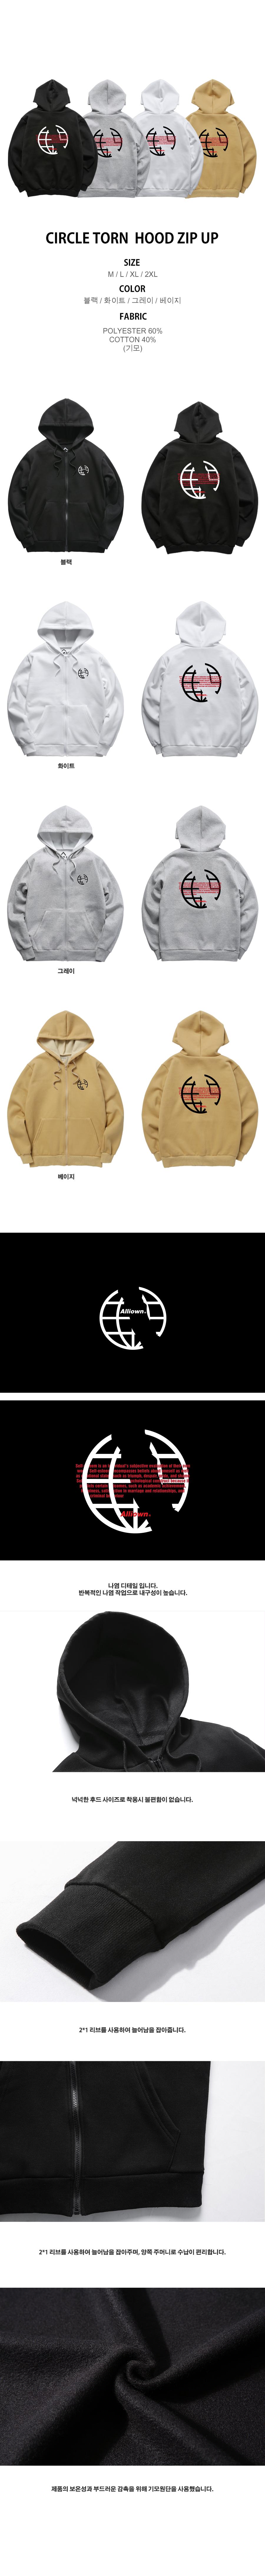 올라온 - Circle Torn - 기모 후드집업 - (SBJA8S-074)